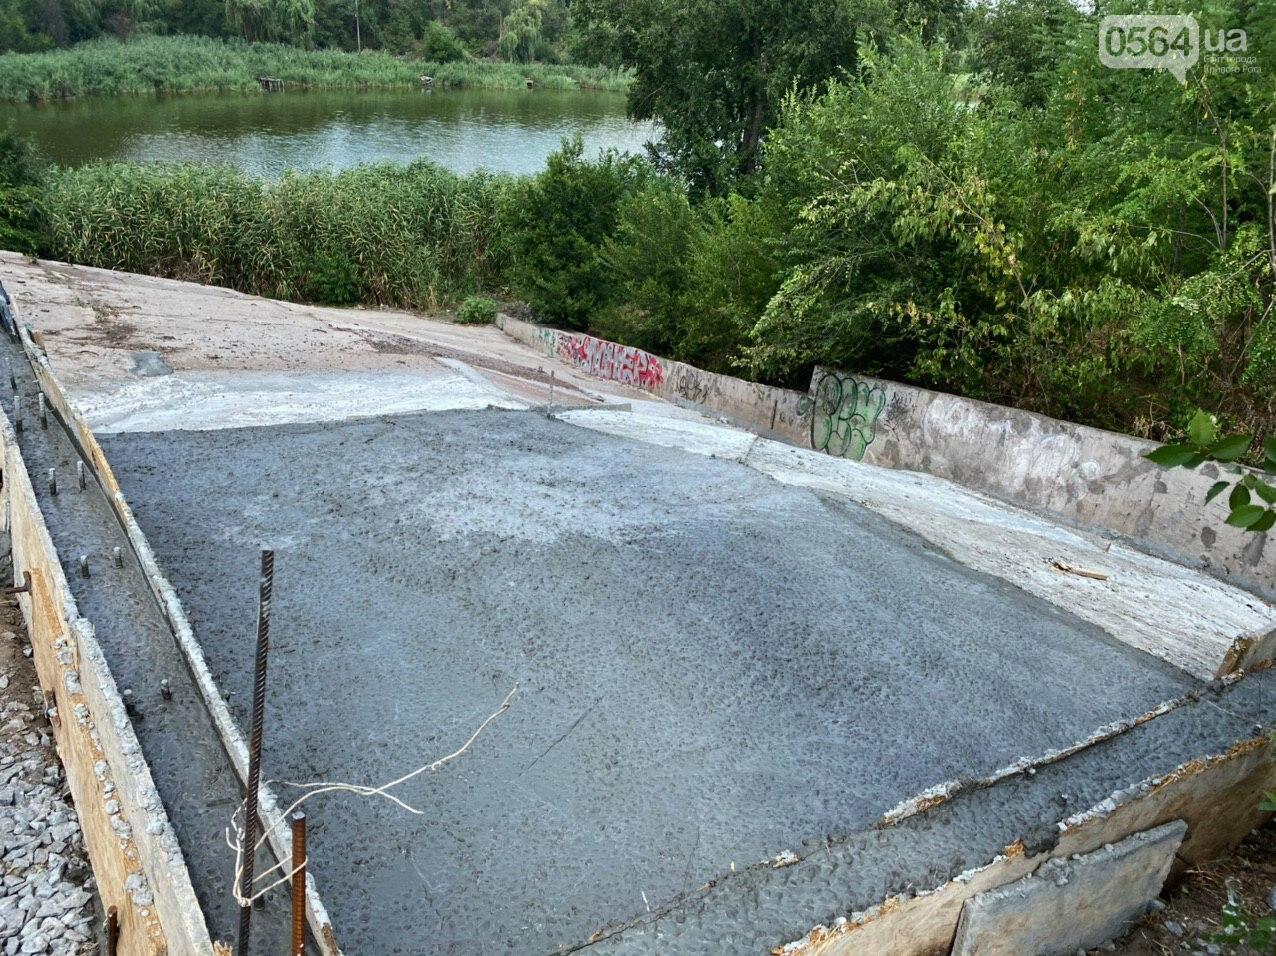 В Кривом Роге опять ремонтируют мост, где 5 лет назад произошло ЧП, - ФОТО , фото-6